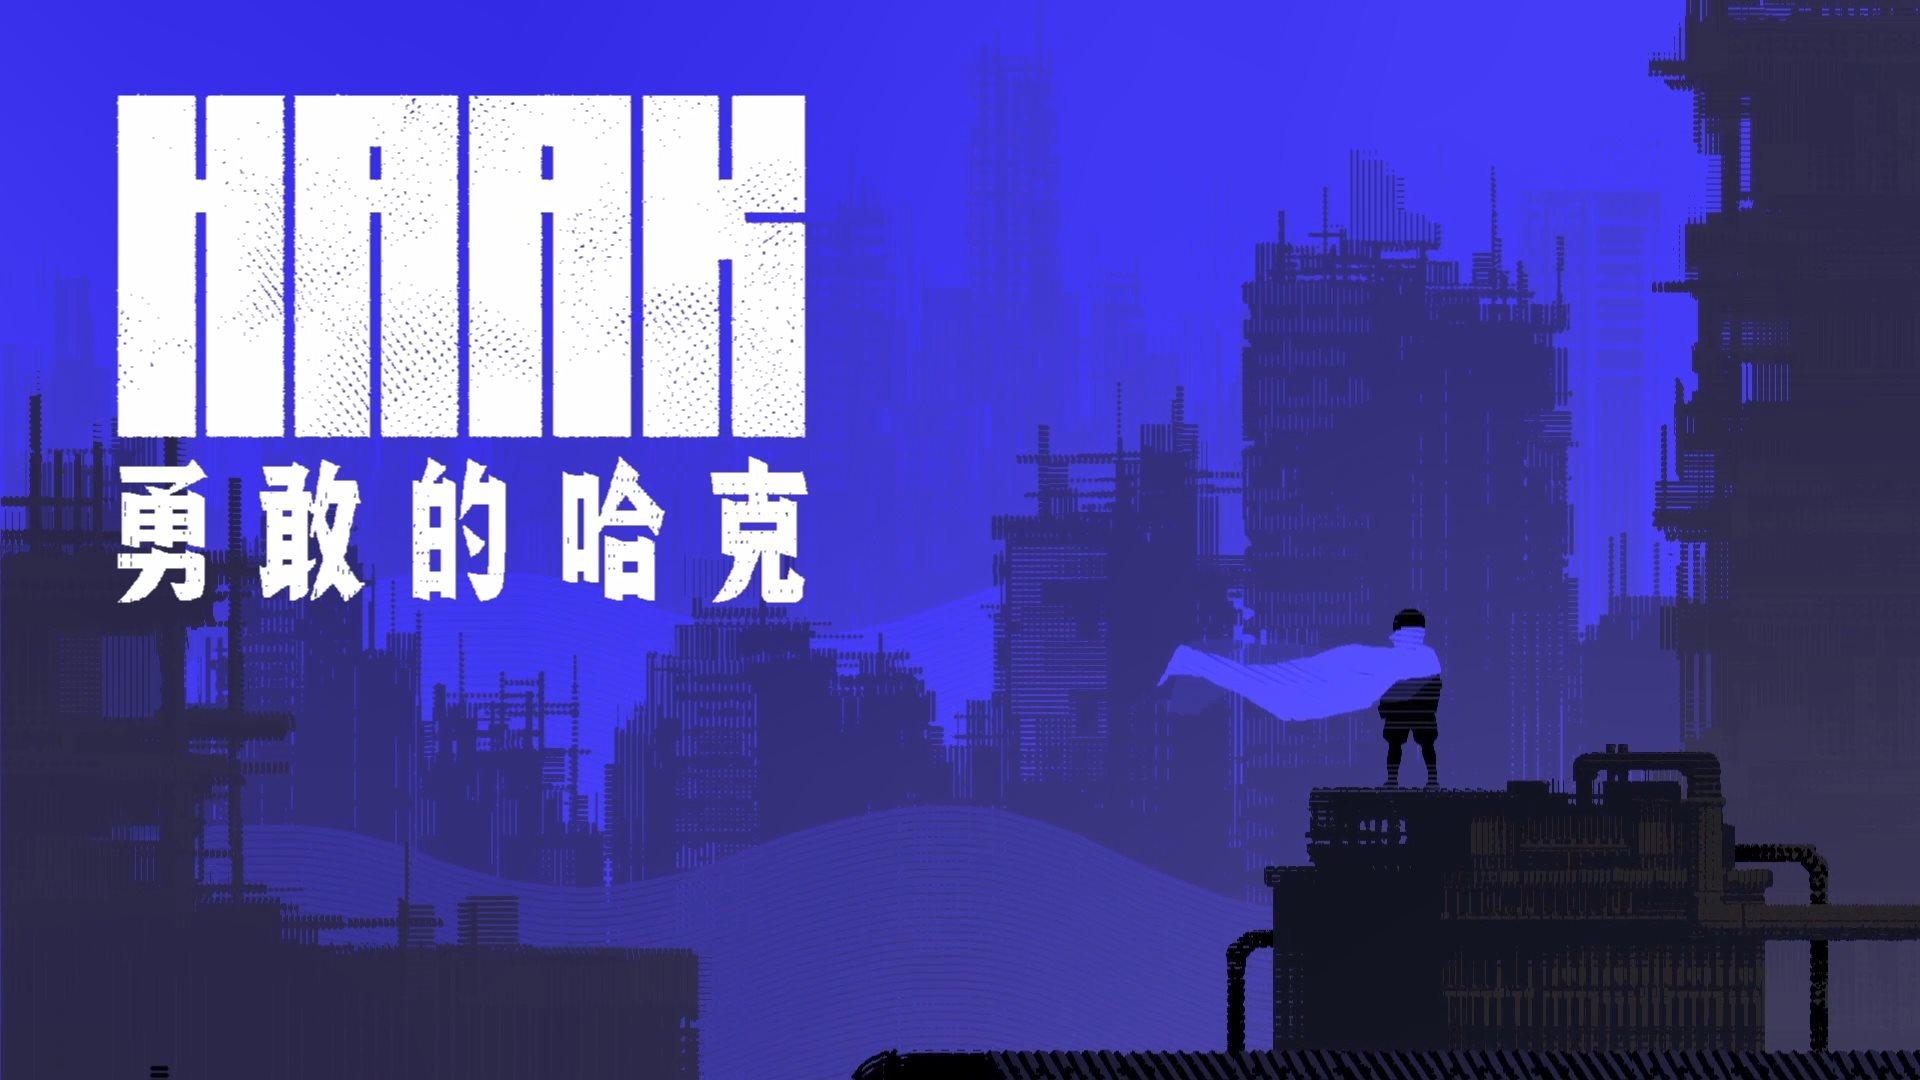 《勇敢的哈克》正式发售 《雾山五行》联动内容公开